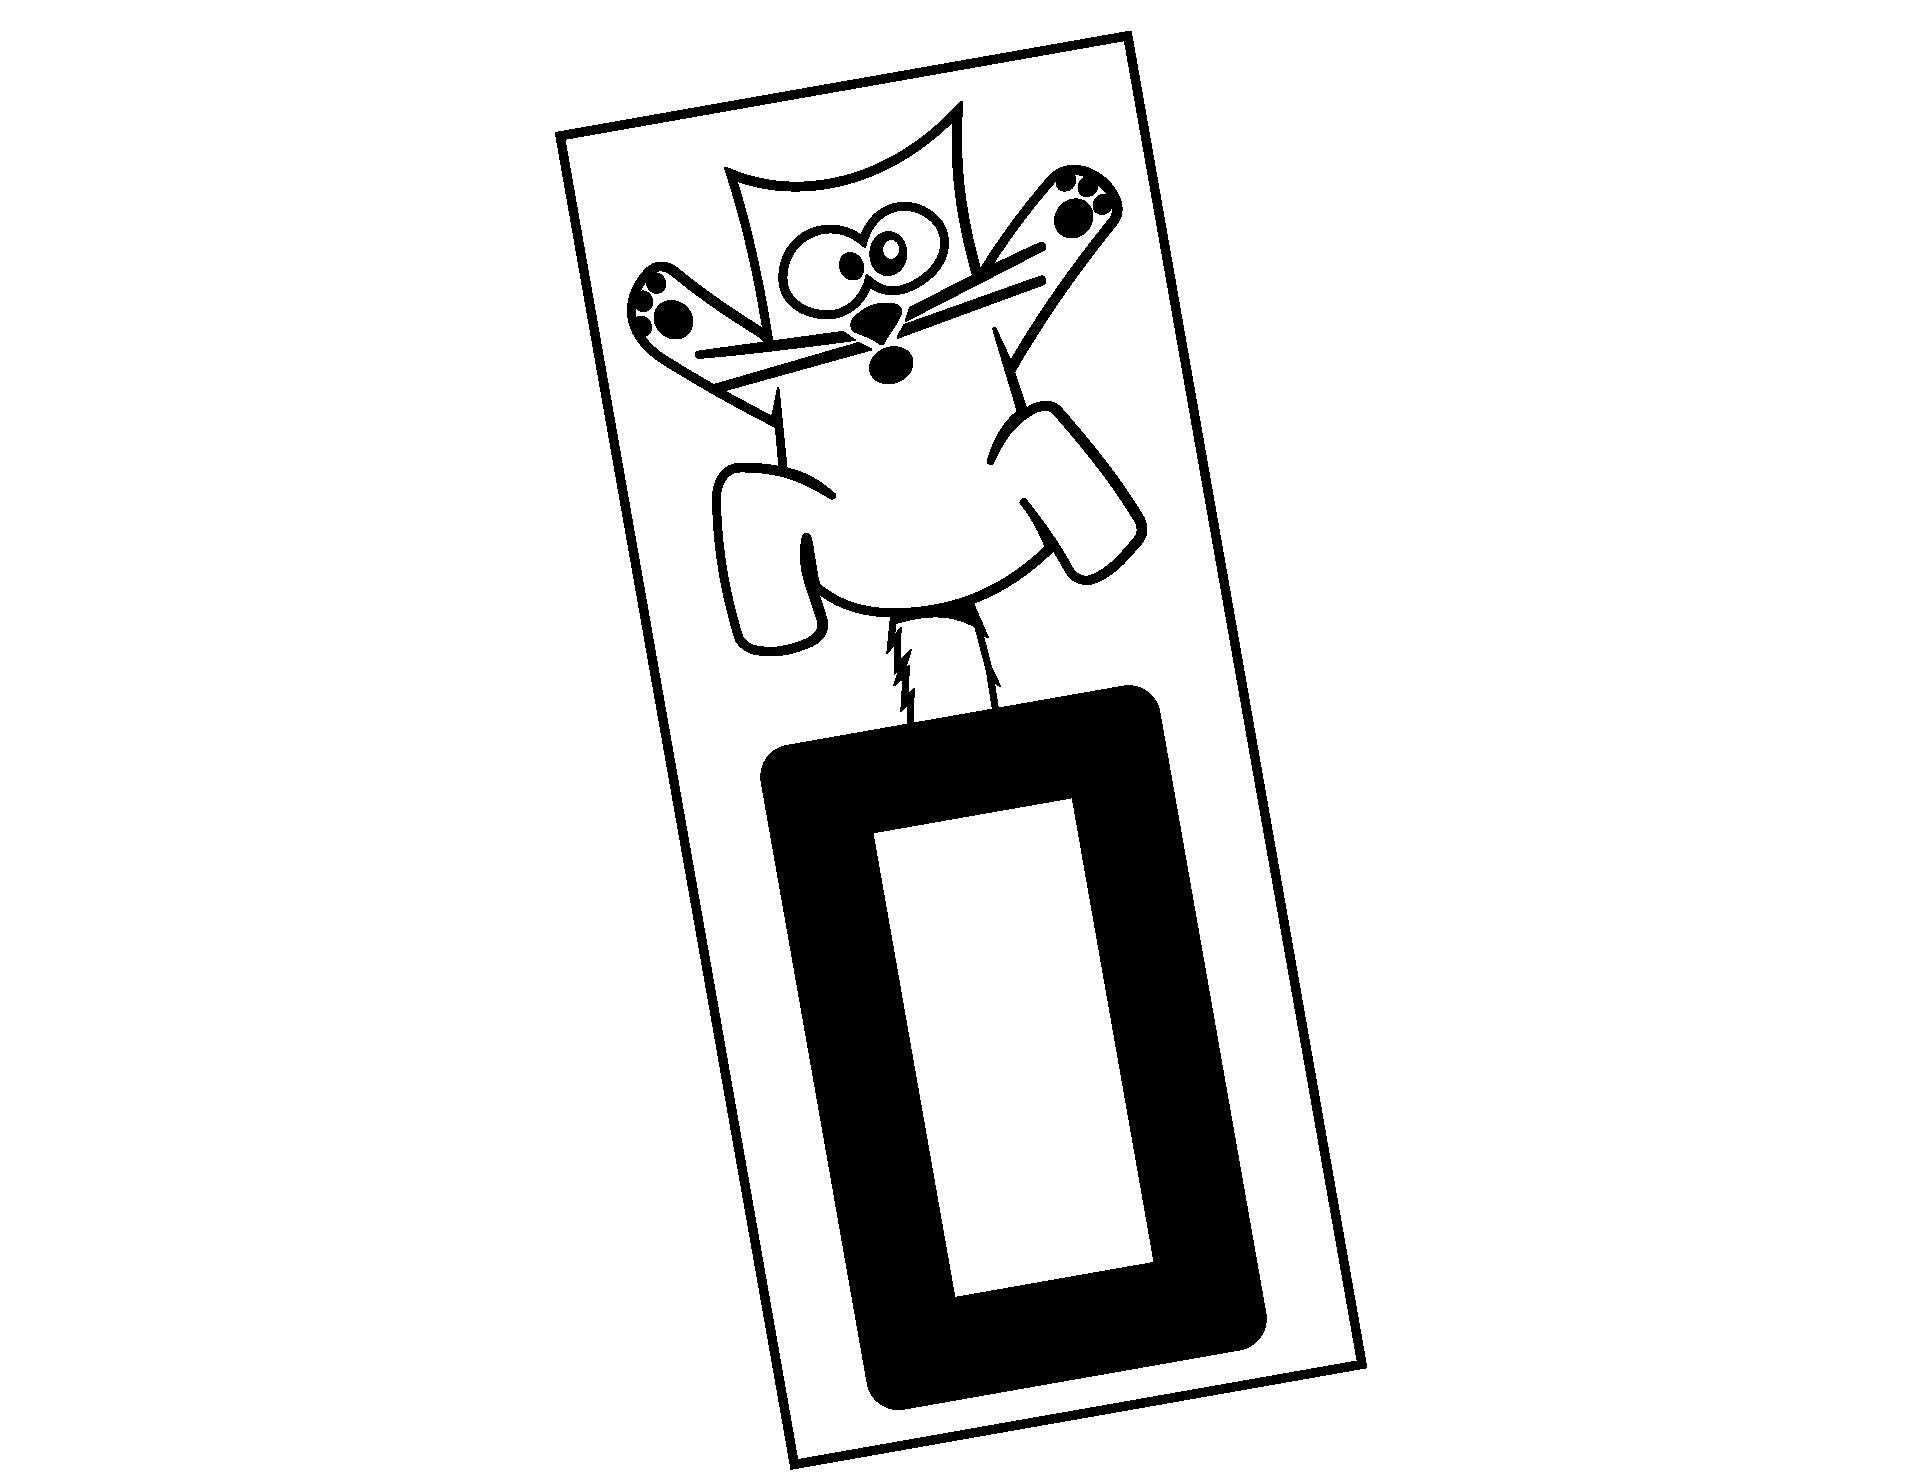 Großzügig Steckdose Vom Lichtschalter Hinzufügen Ideen - Elektrische ...